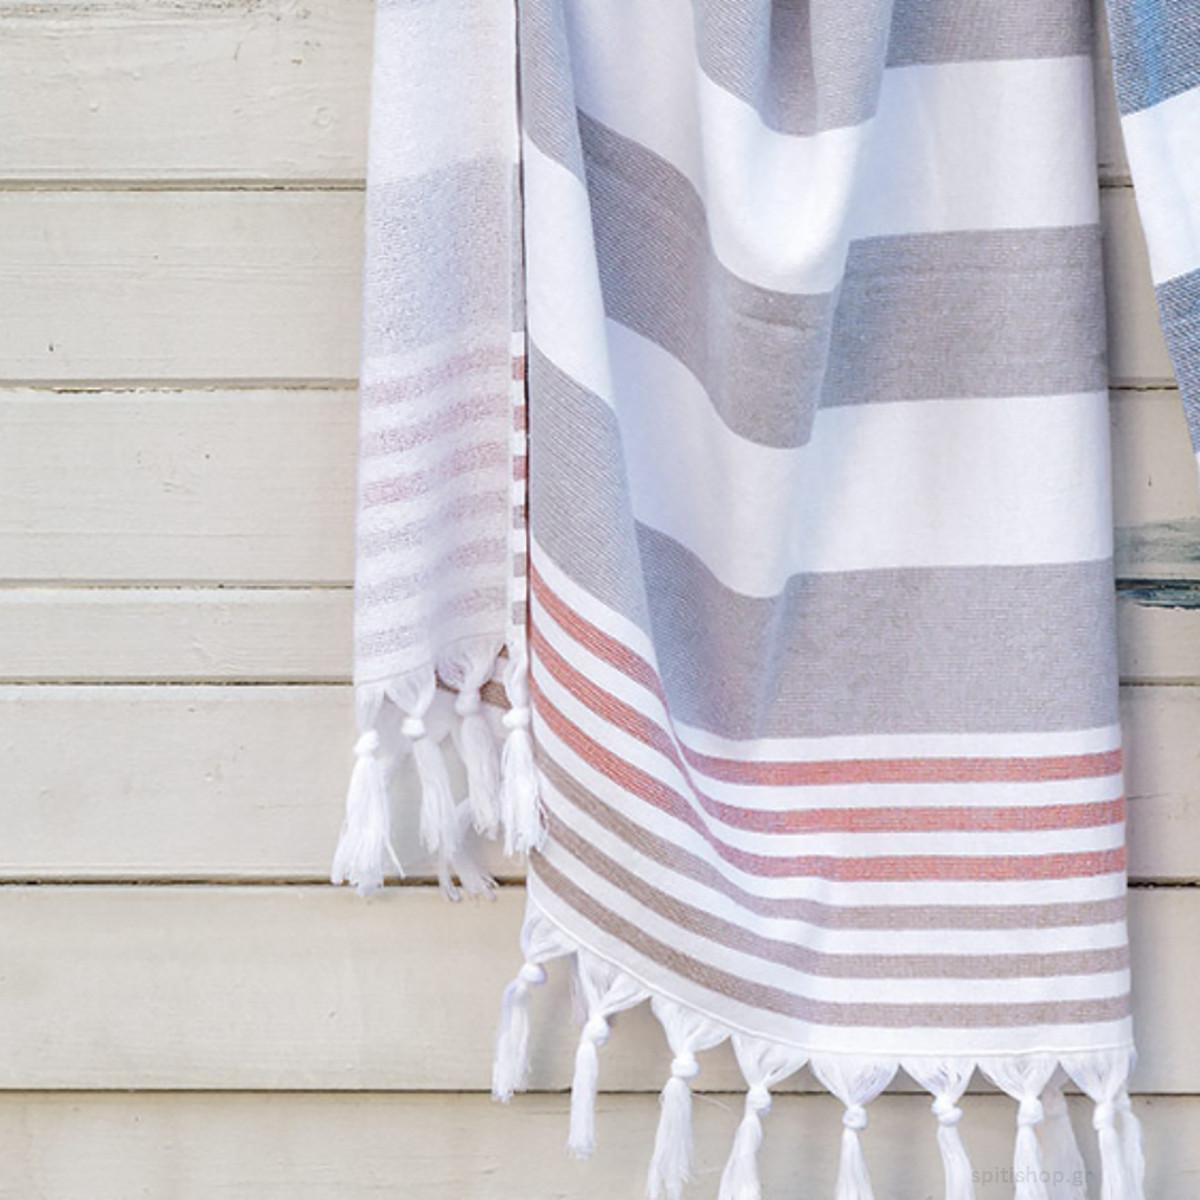 Πετσέτα Θαλάσσης - Παρεό Kentia Limnos home   θαλάσσης   πετσέτες θαλάσσης ενηλίκων